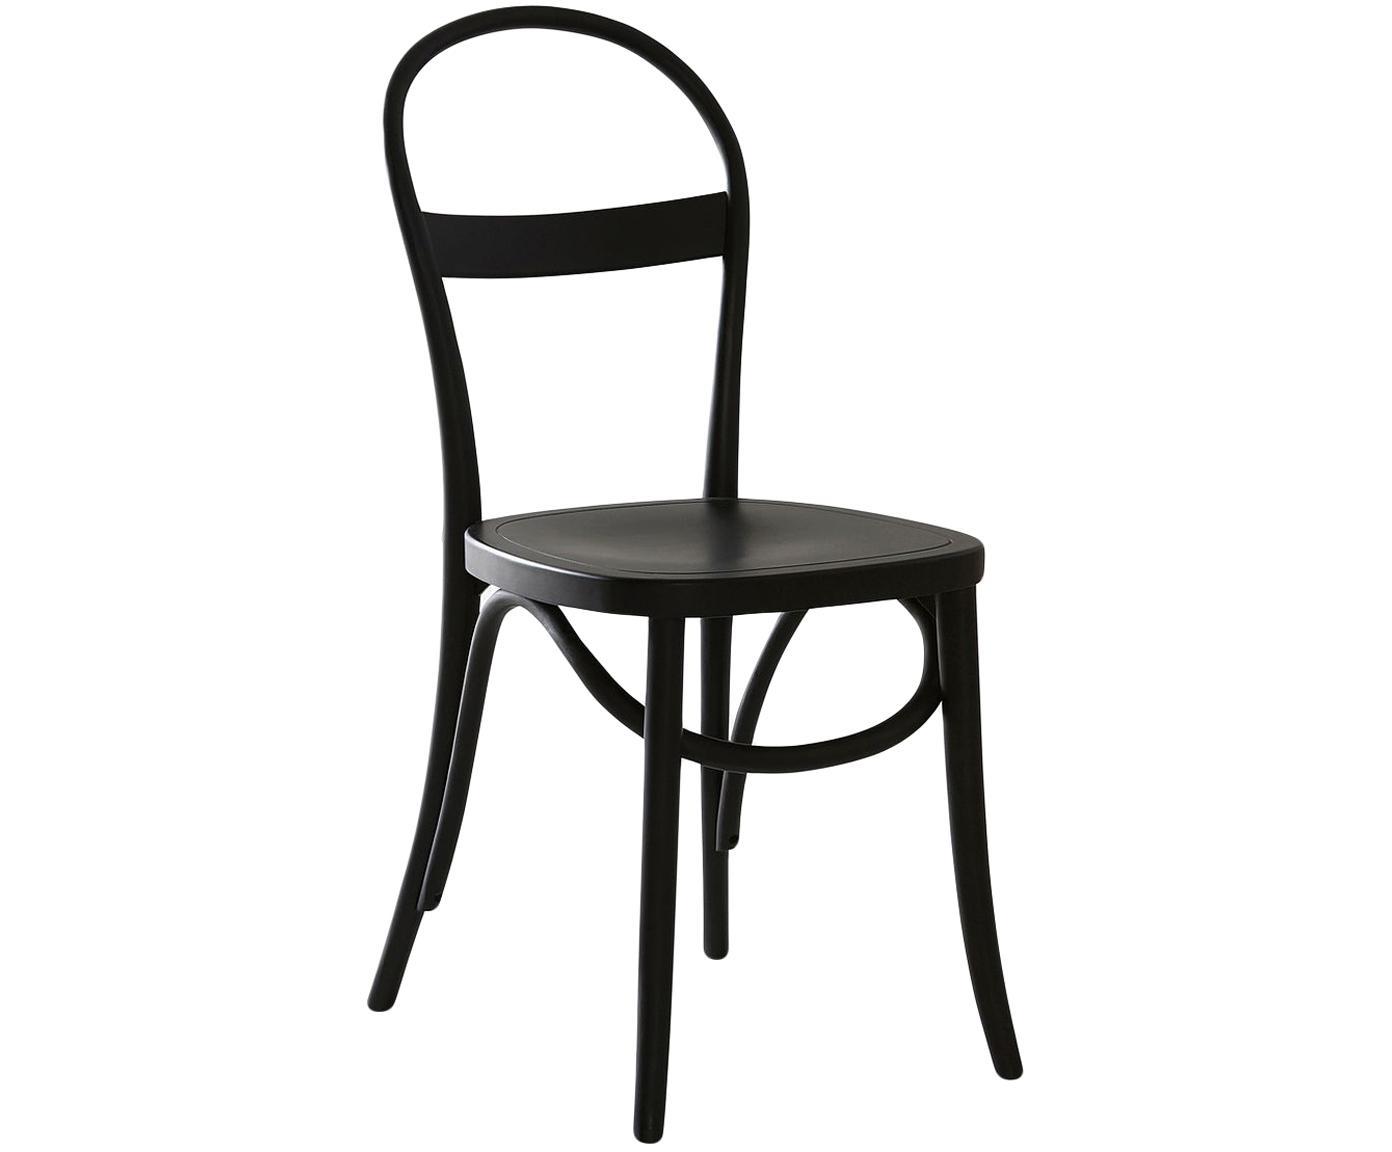 Krzesło z drewna Rippats, 2 szt., Drewno brzozowe, bejcowane, Czarny, S 40 x G 40 cm